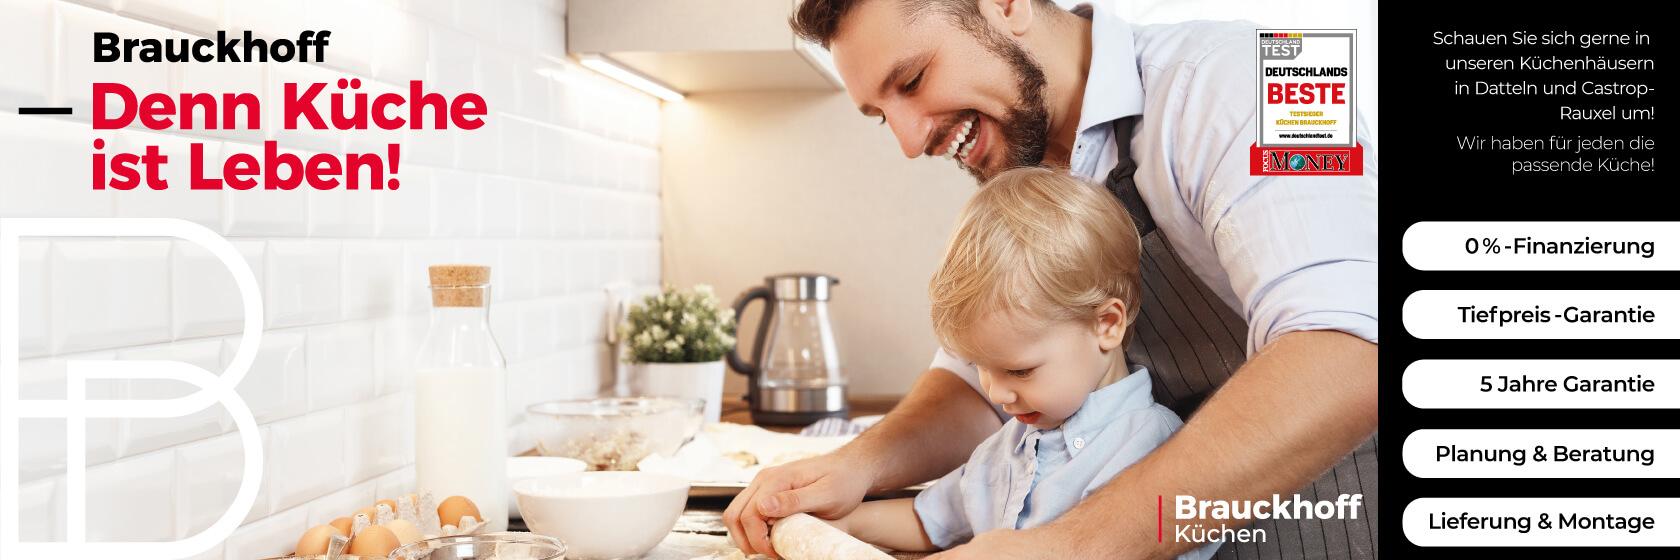 Brauckhoff Küchen - denn Küche ist Leben!